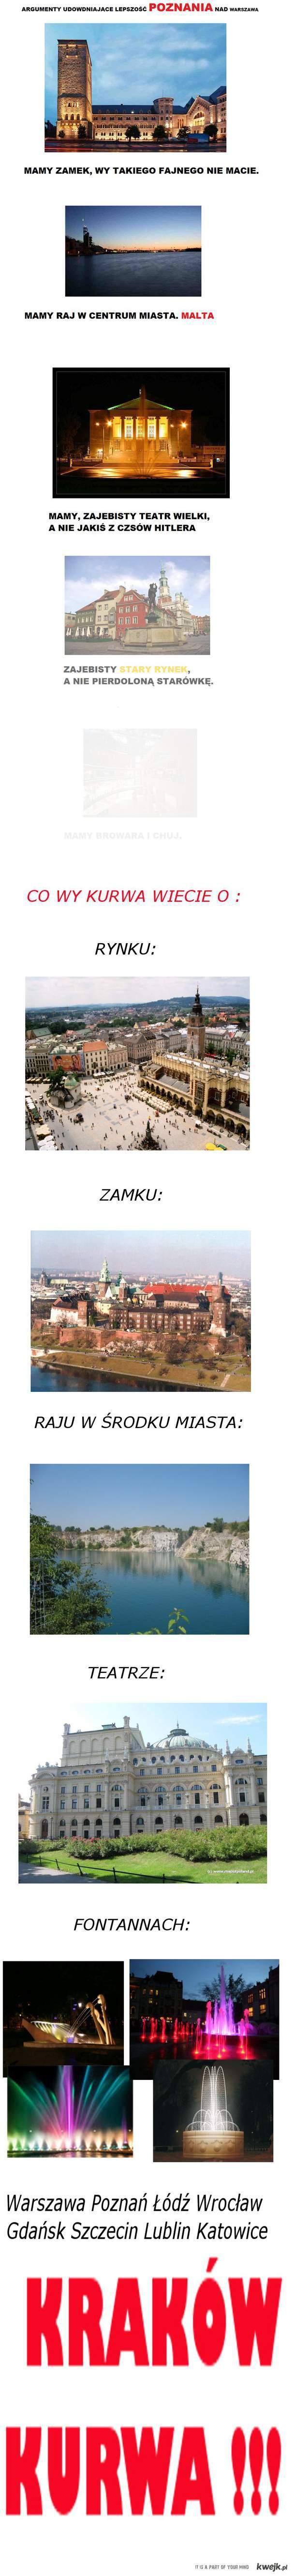 Kraków miasto królów